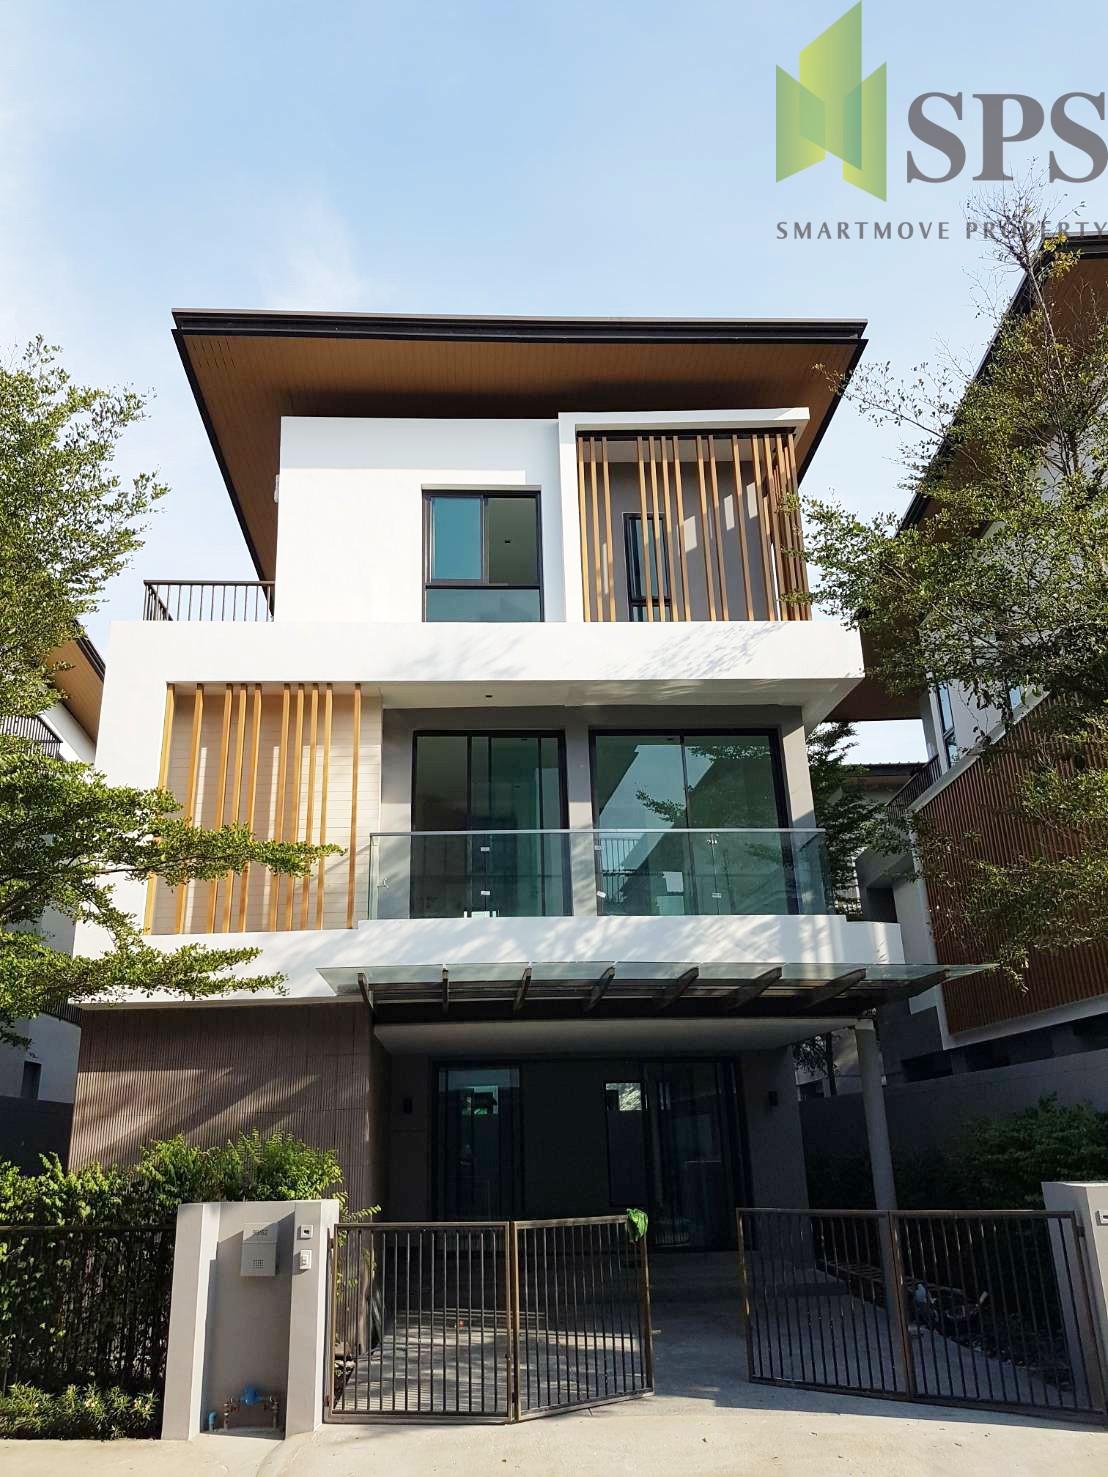 เอคิว อาร์เบอร์ สวนหลวง ร.9-พัฒนาการ (AQ ARBOR Suanluang Rama 9-Pattanakarn) For RENT & SALE (SPS P277 )